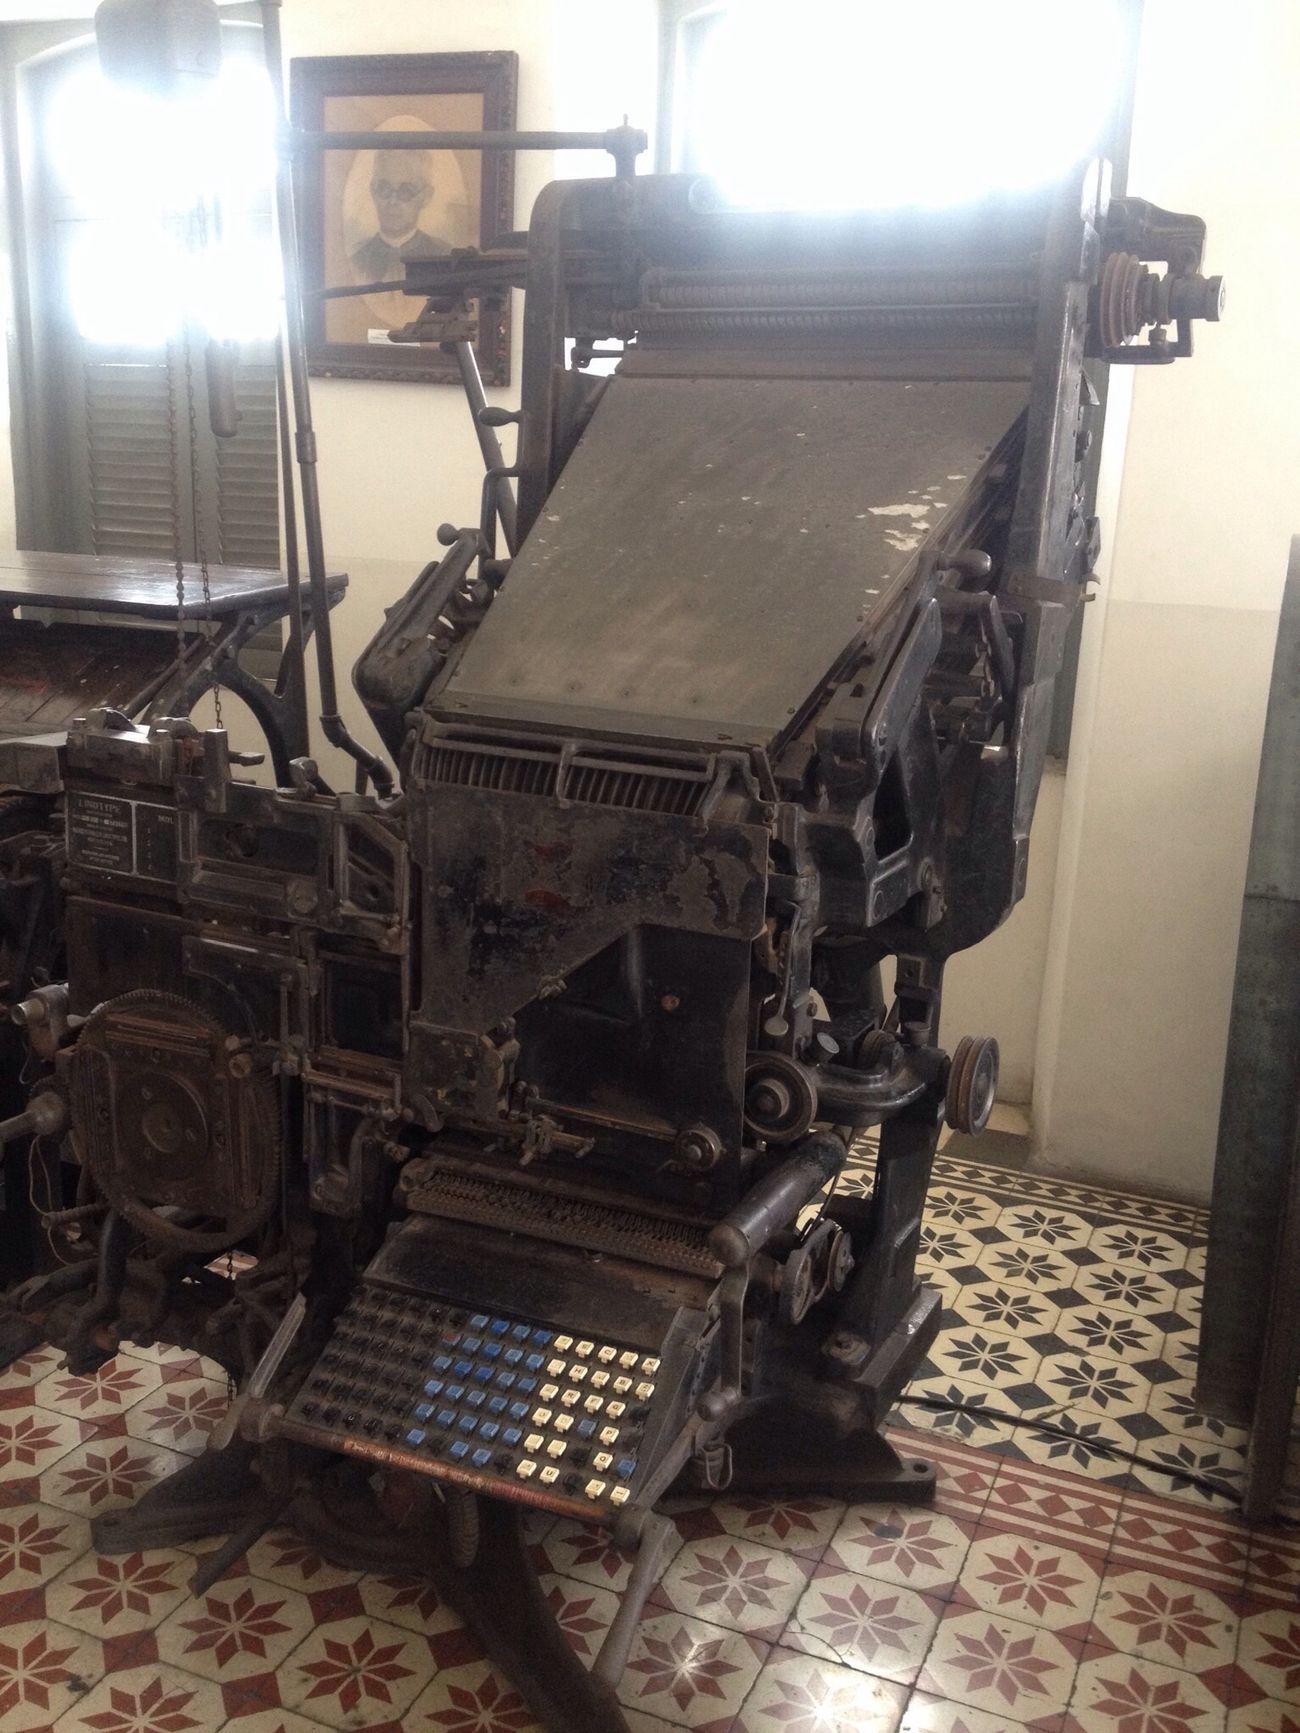 Vamos escrever? Museu Sobralcity Museum Brasilianculture Ceará